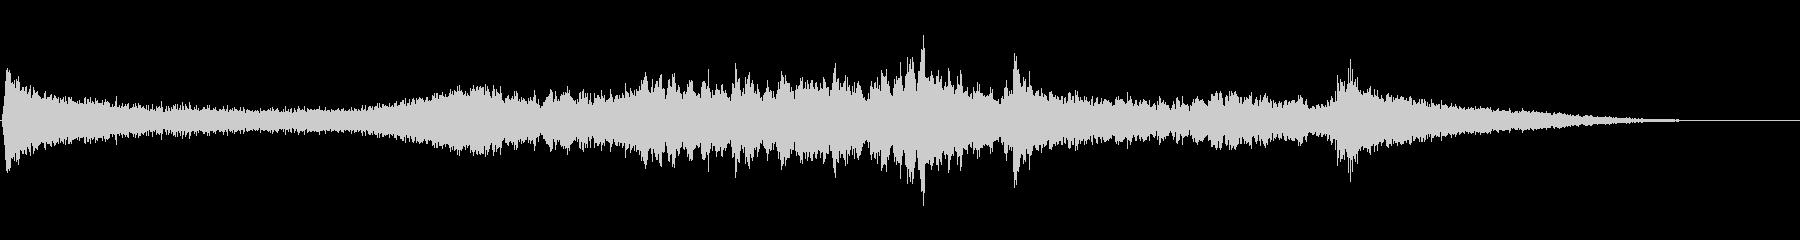 和風正月アイキャッチ音(クリスタル風)の未再生の波形